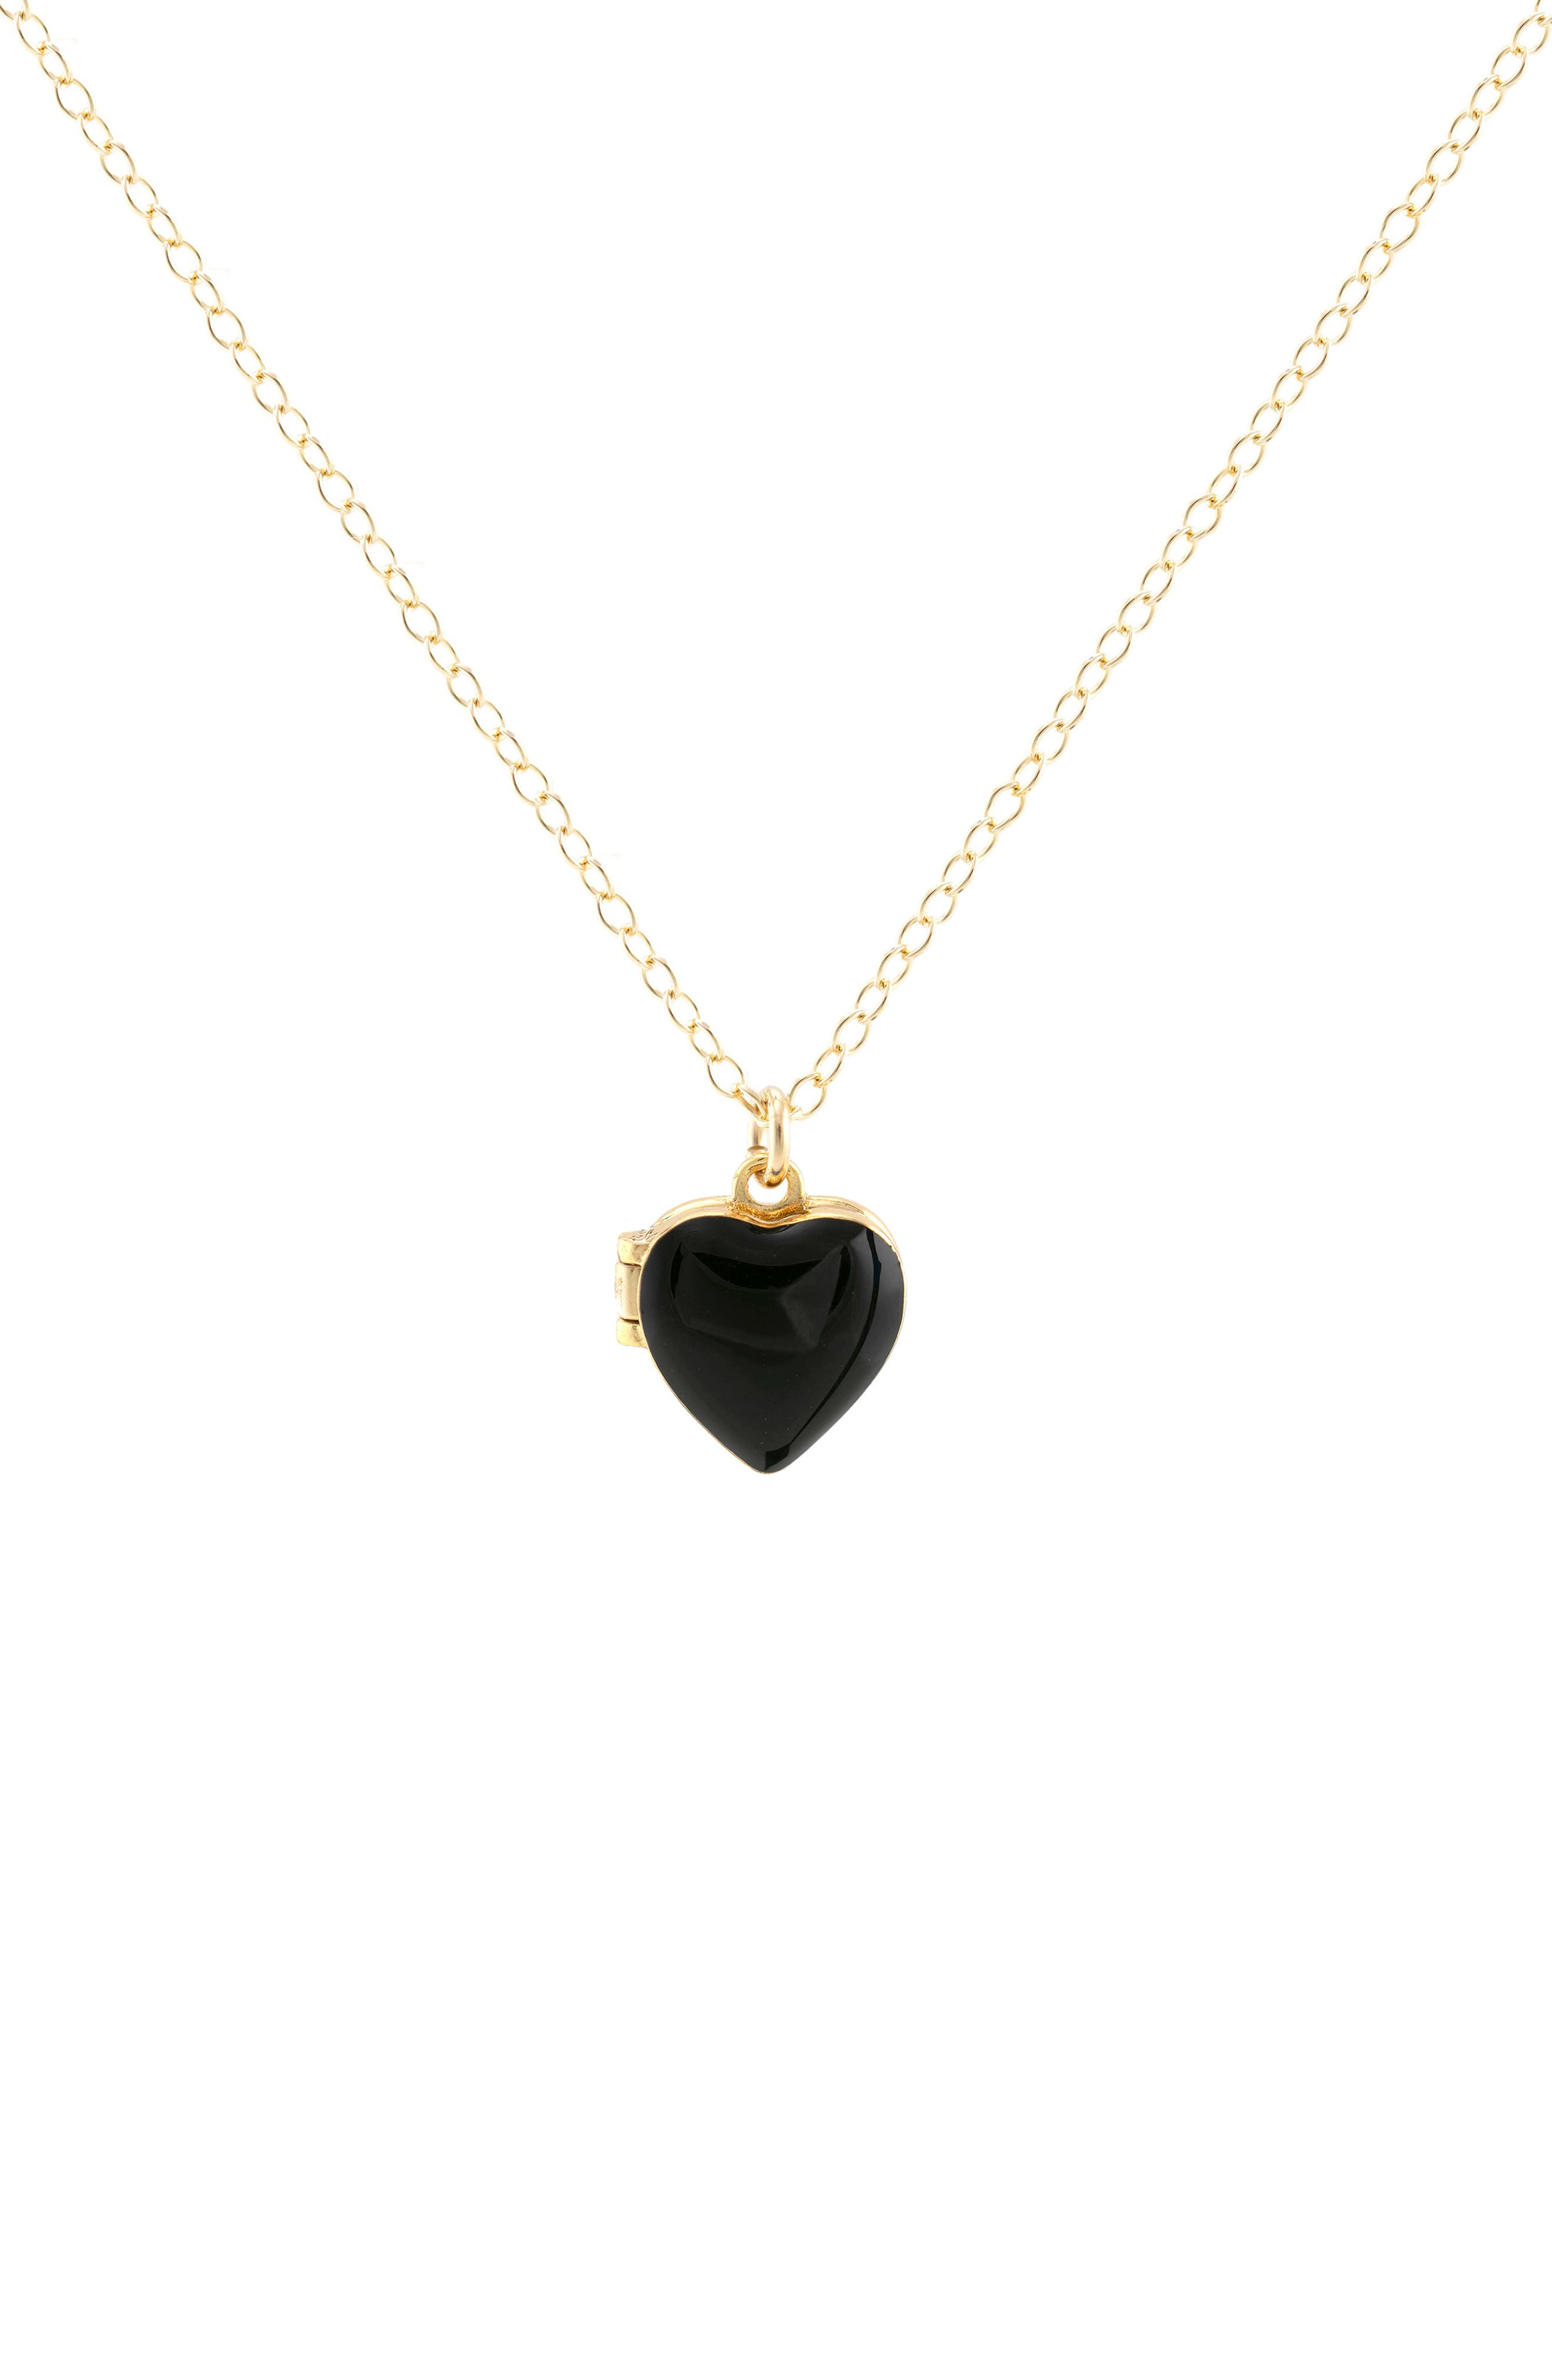 Enamel Heart Locket Necklace